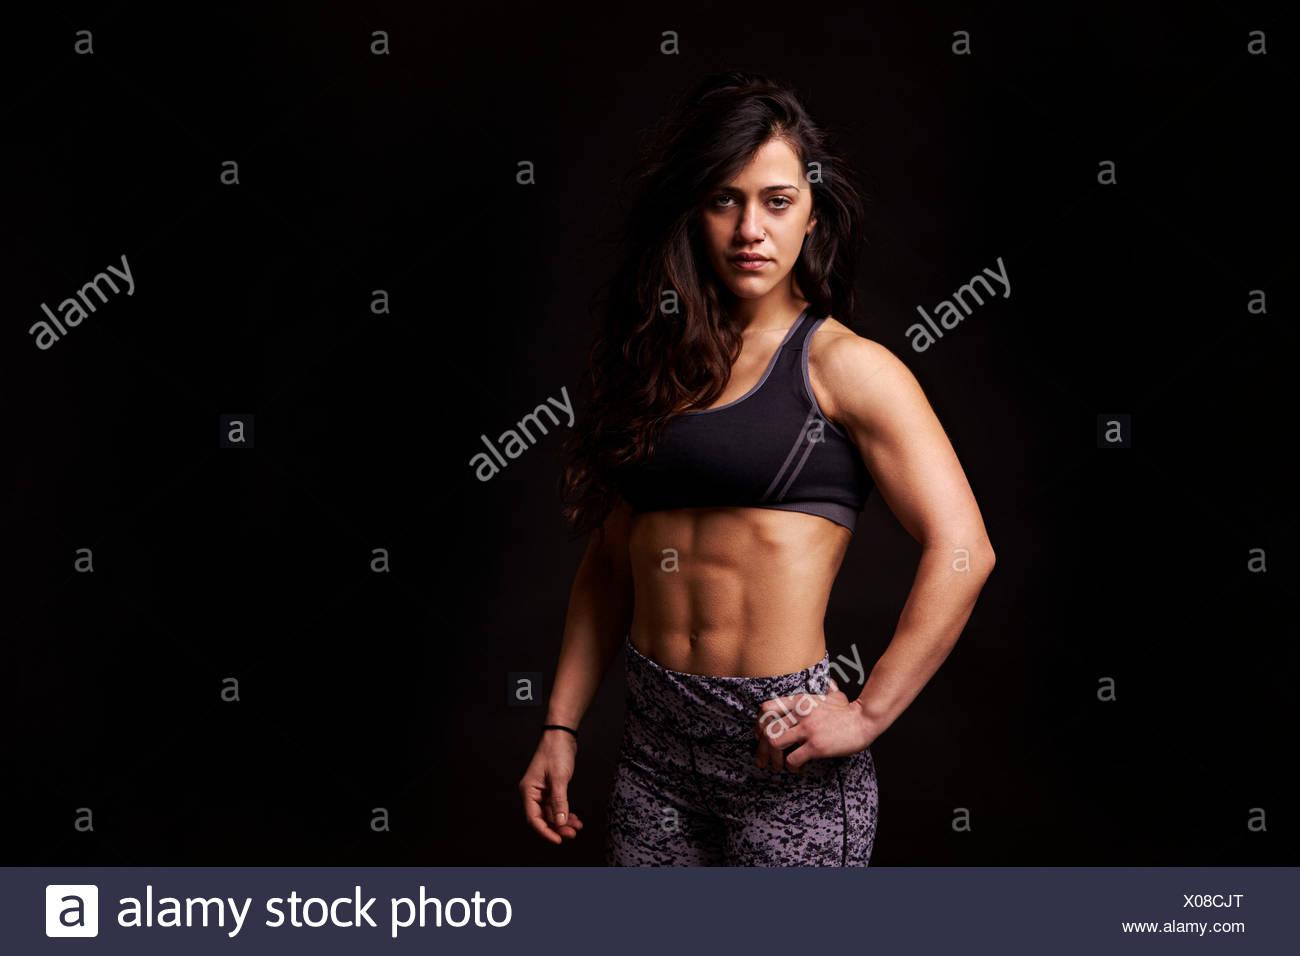 Taille bis Porträt der muskulöse junge dunkelhaarige Frau Stockbild